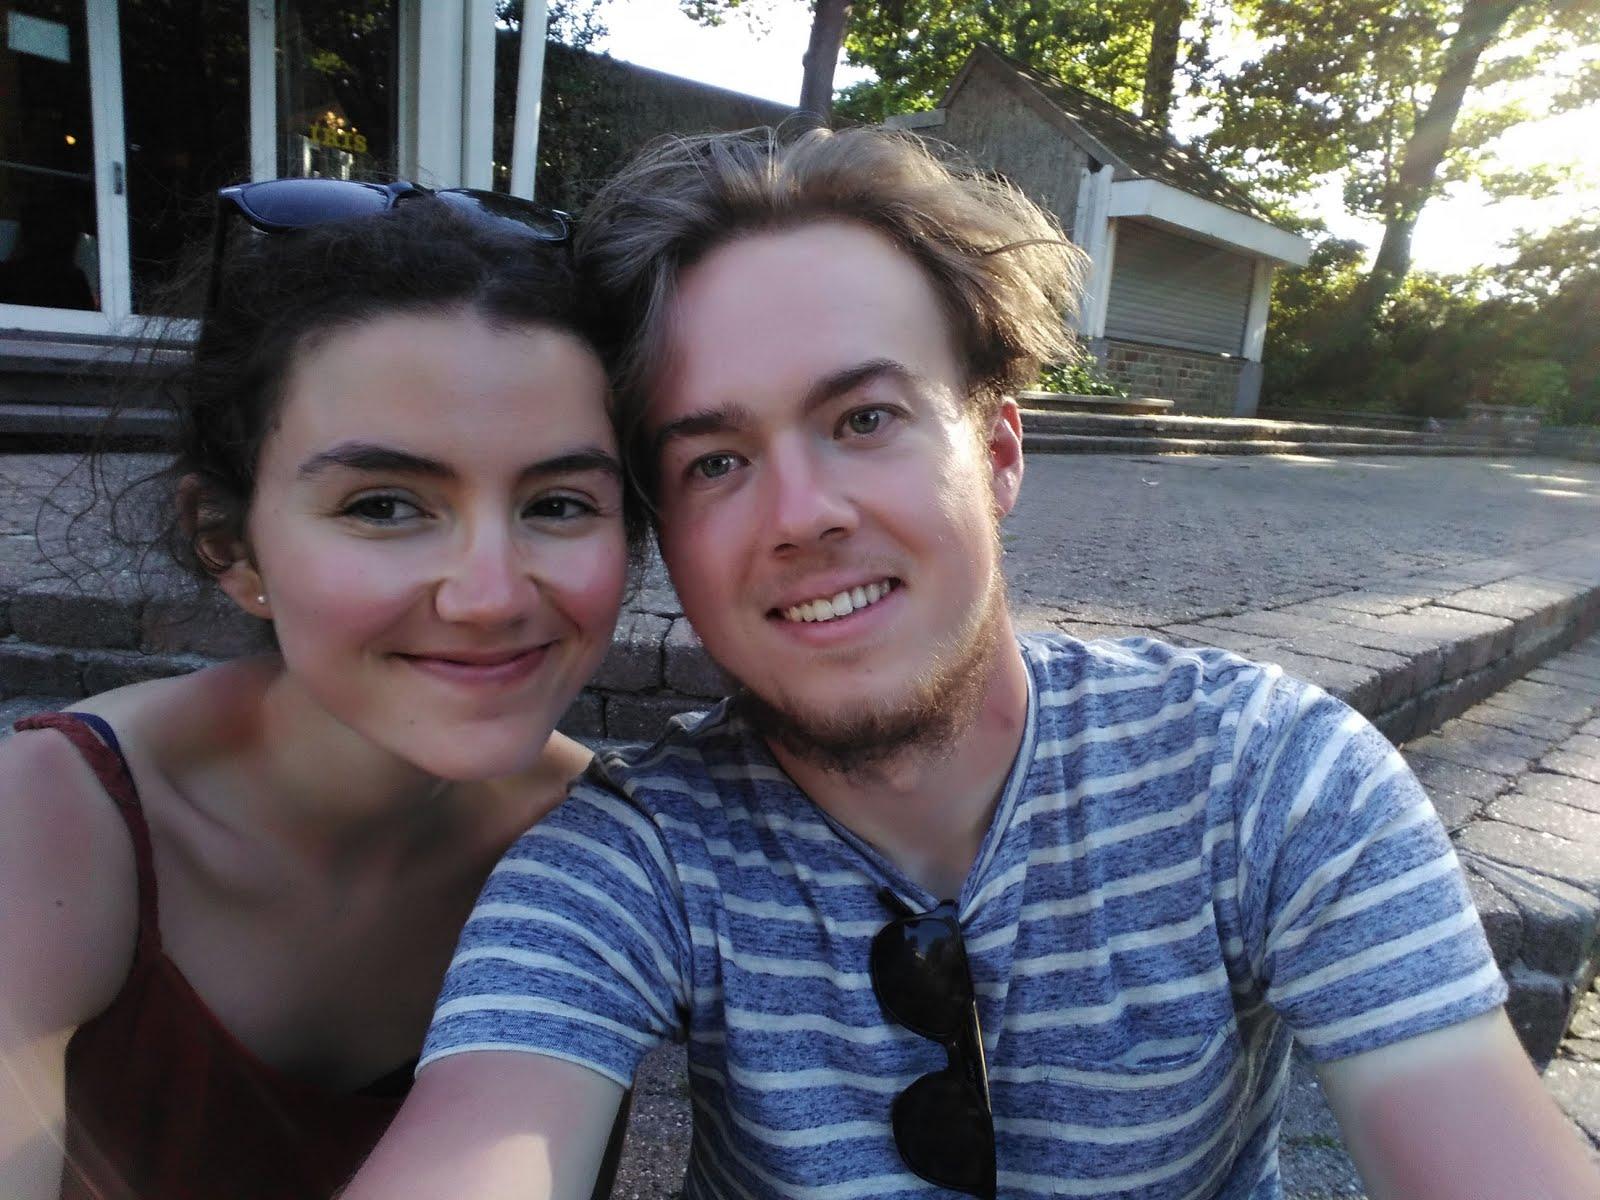 bellewaerde-parc-attraction-belgique-selfie